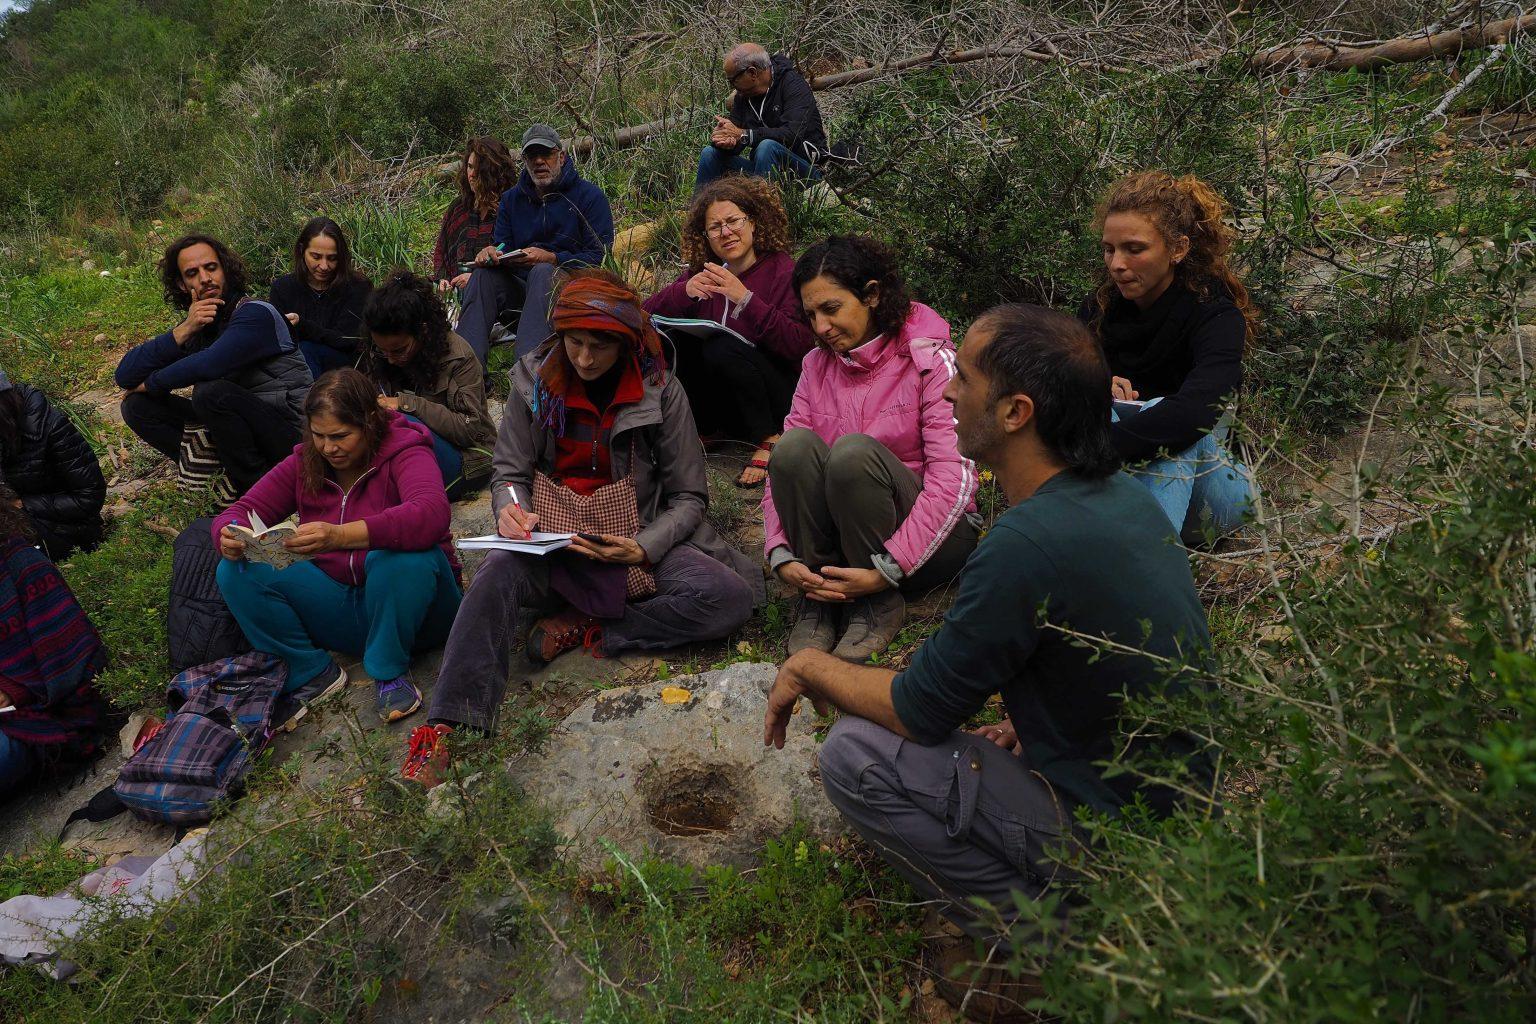 קורס שנתי ביער בן 12 מפגשים להכרת עשרות צמחי מרפא מקומיים ולחיבור אל תבונת היער והצמחים.